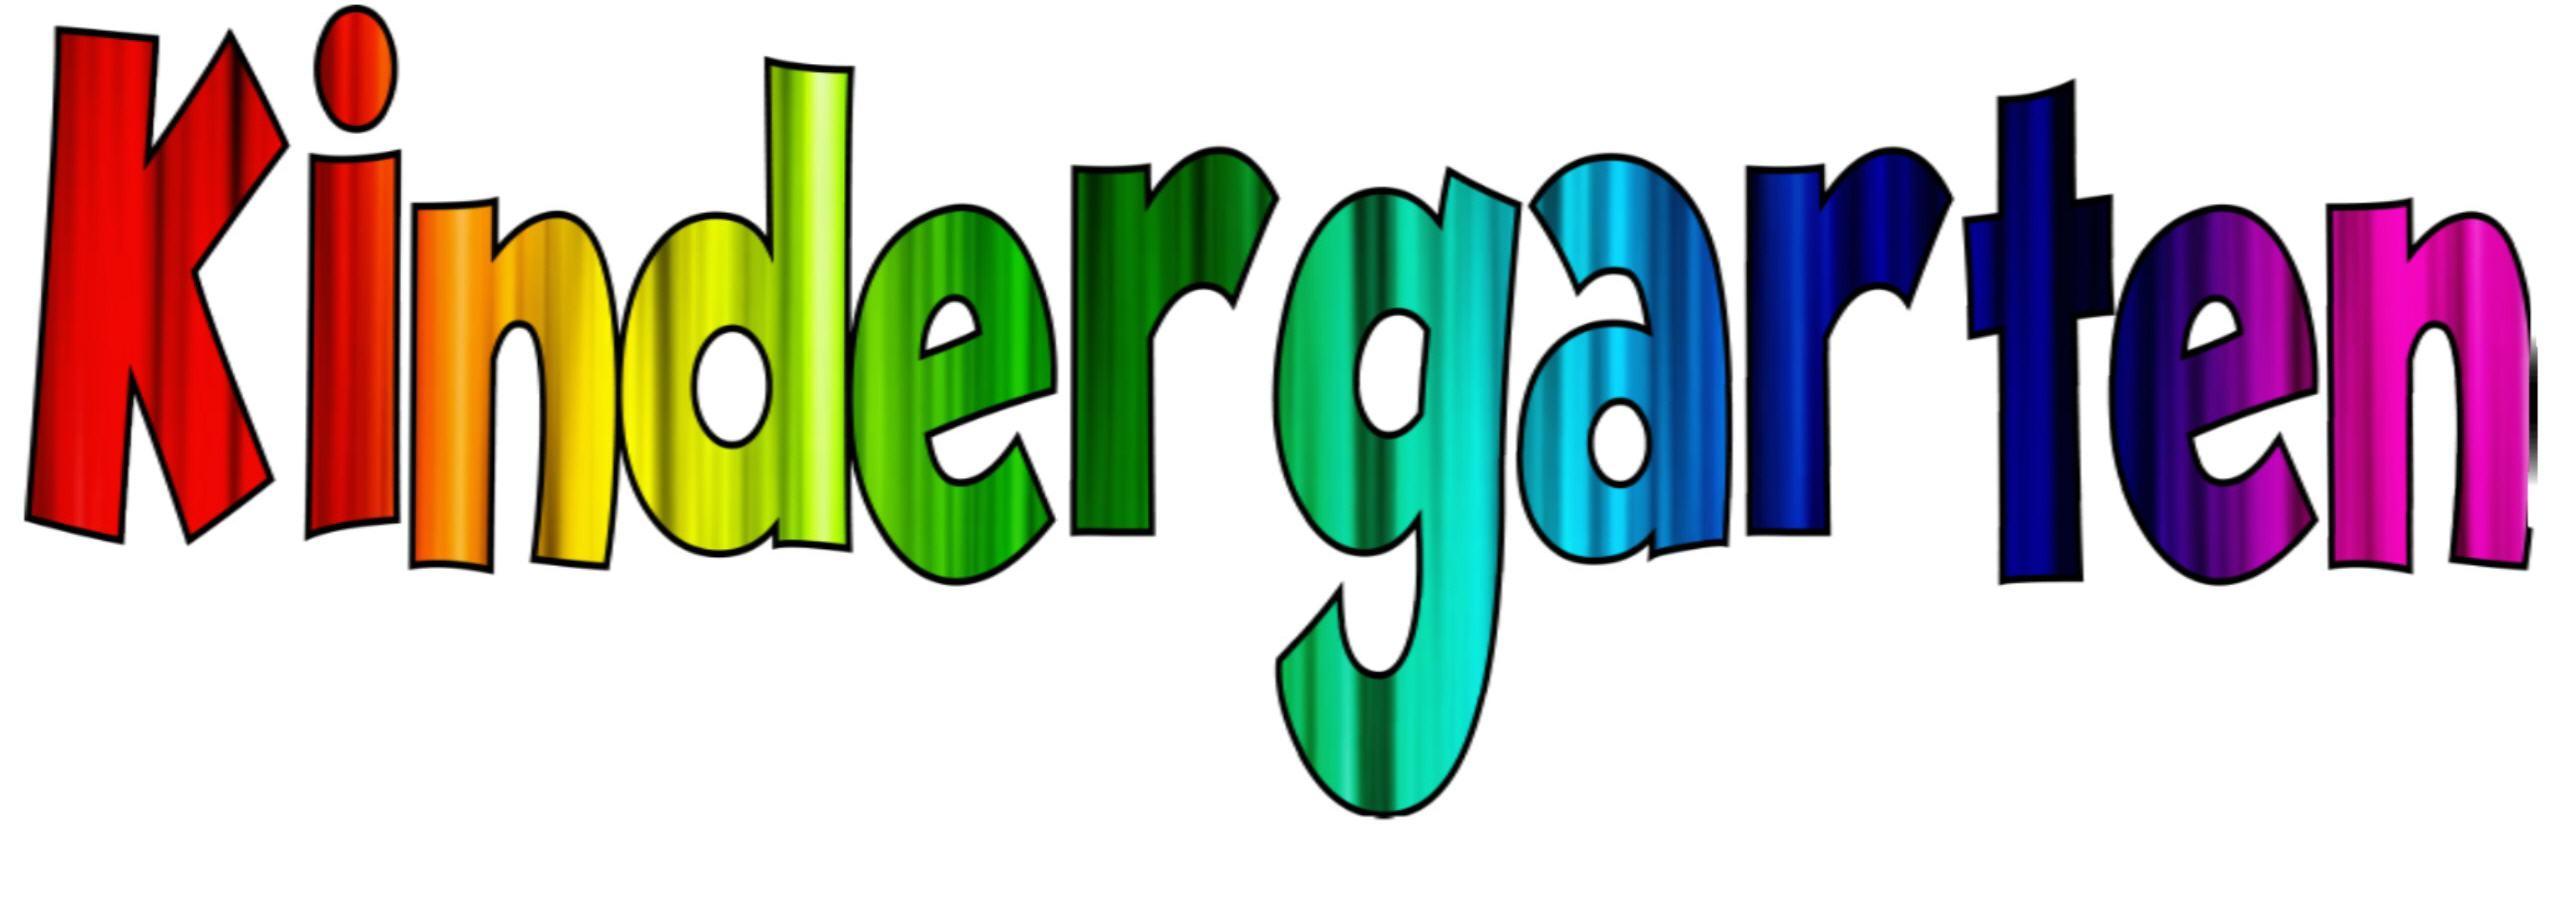 744489 - Registration For Kindergarten